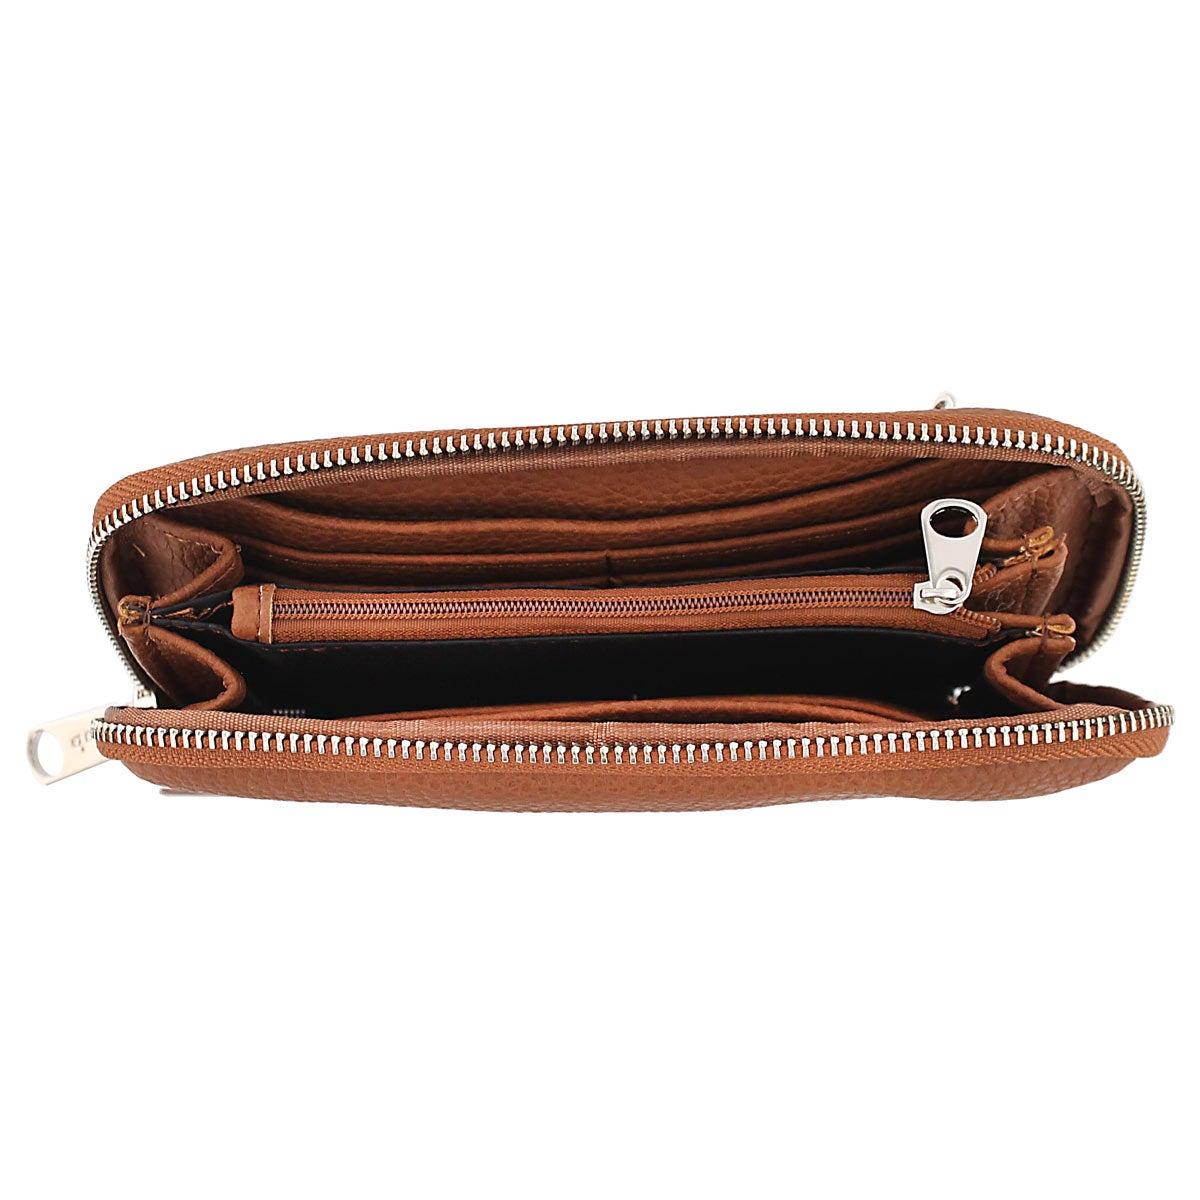 Lds Double Zip World cognac wallet